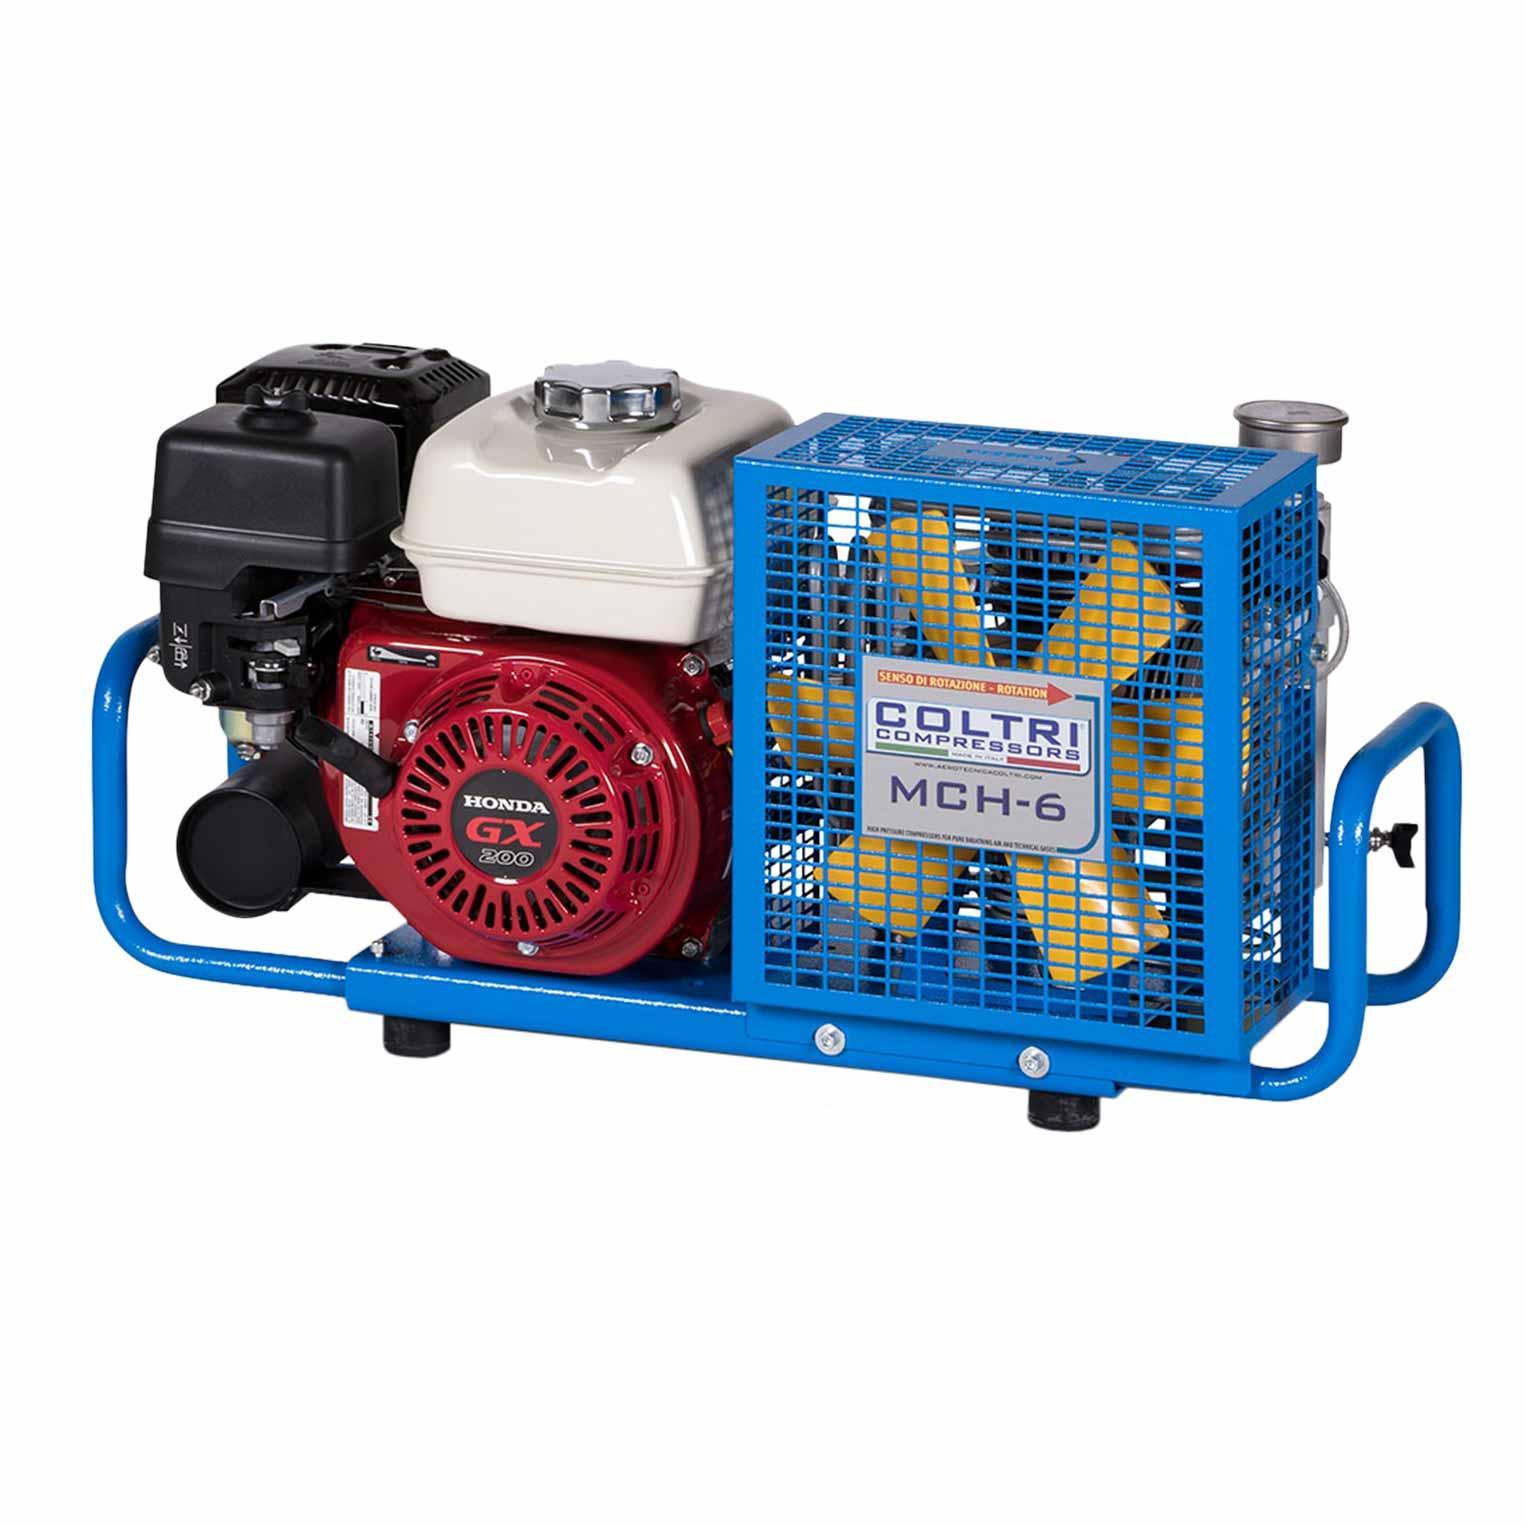 Compressor Coltri MCH6 Gasoline 200Bar